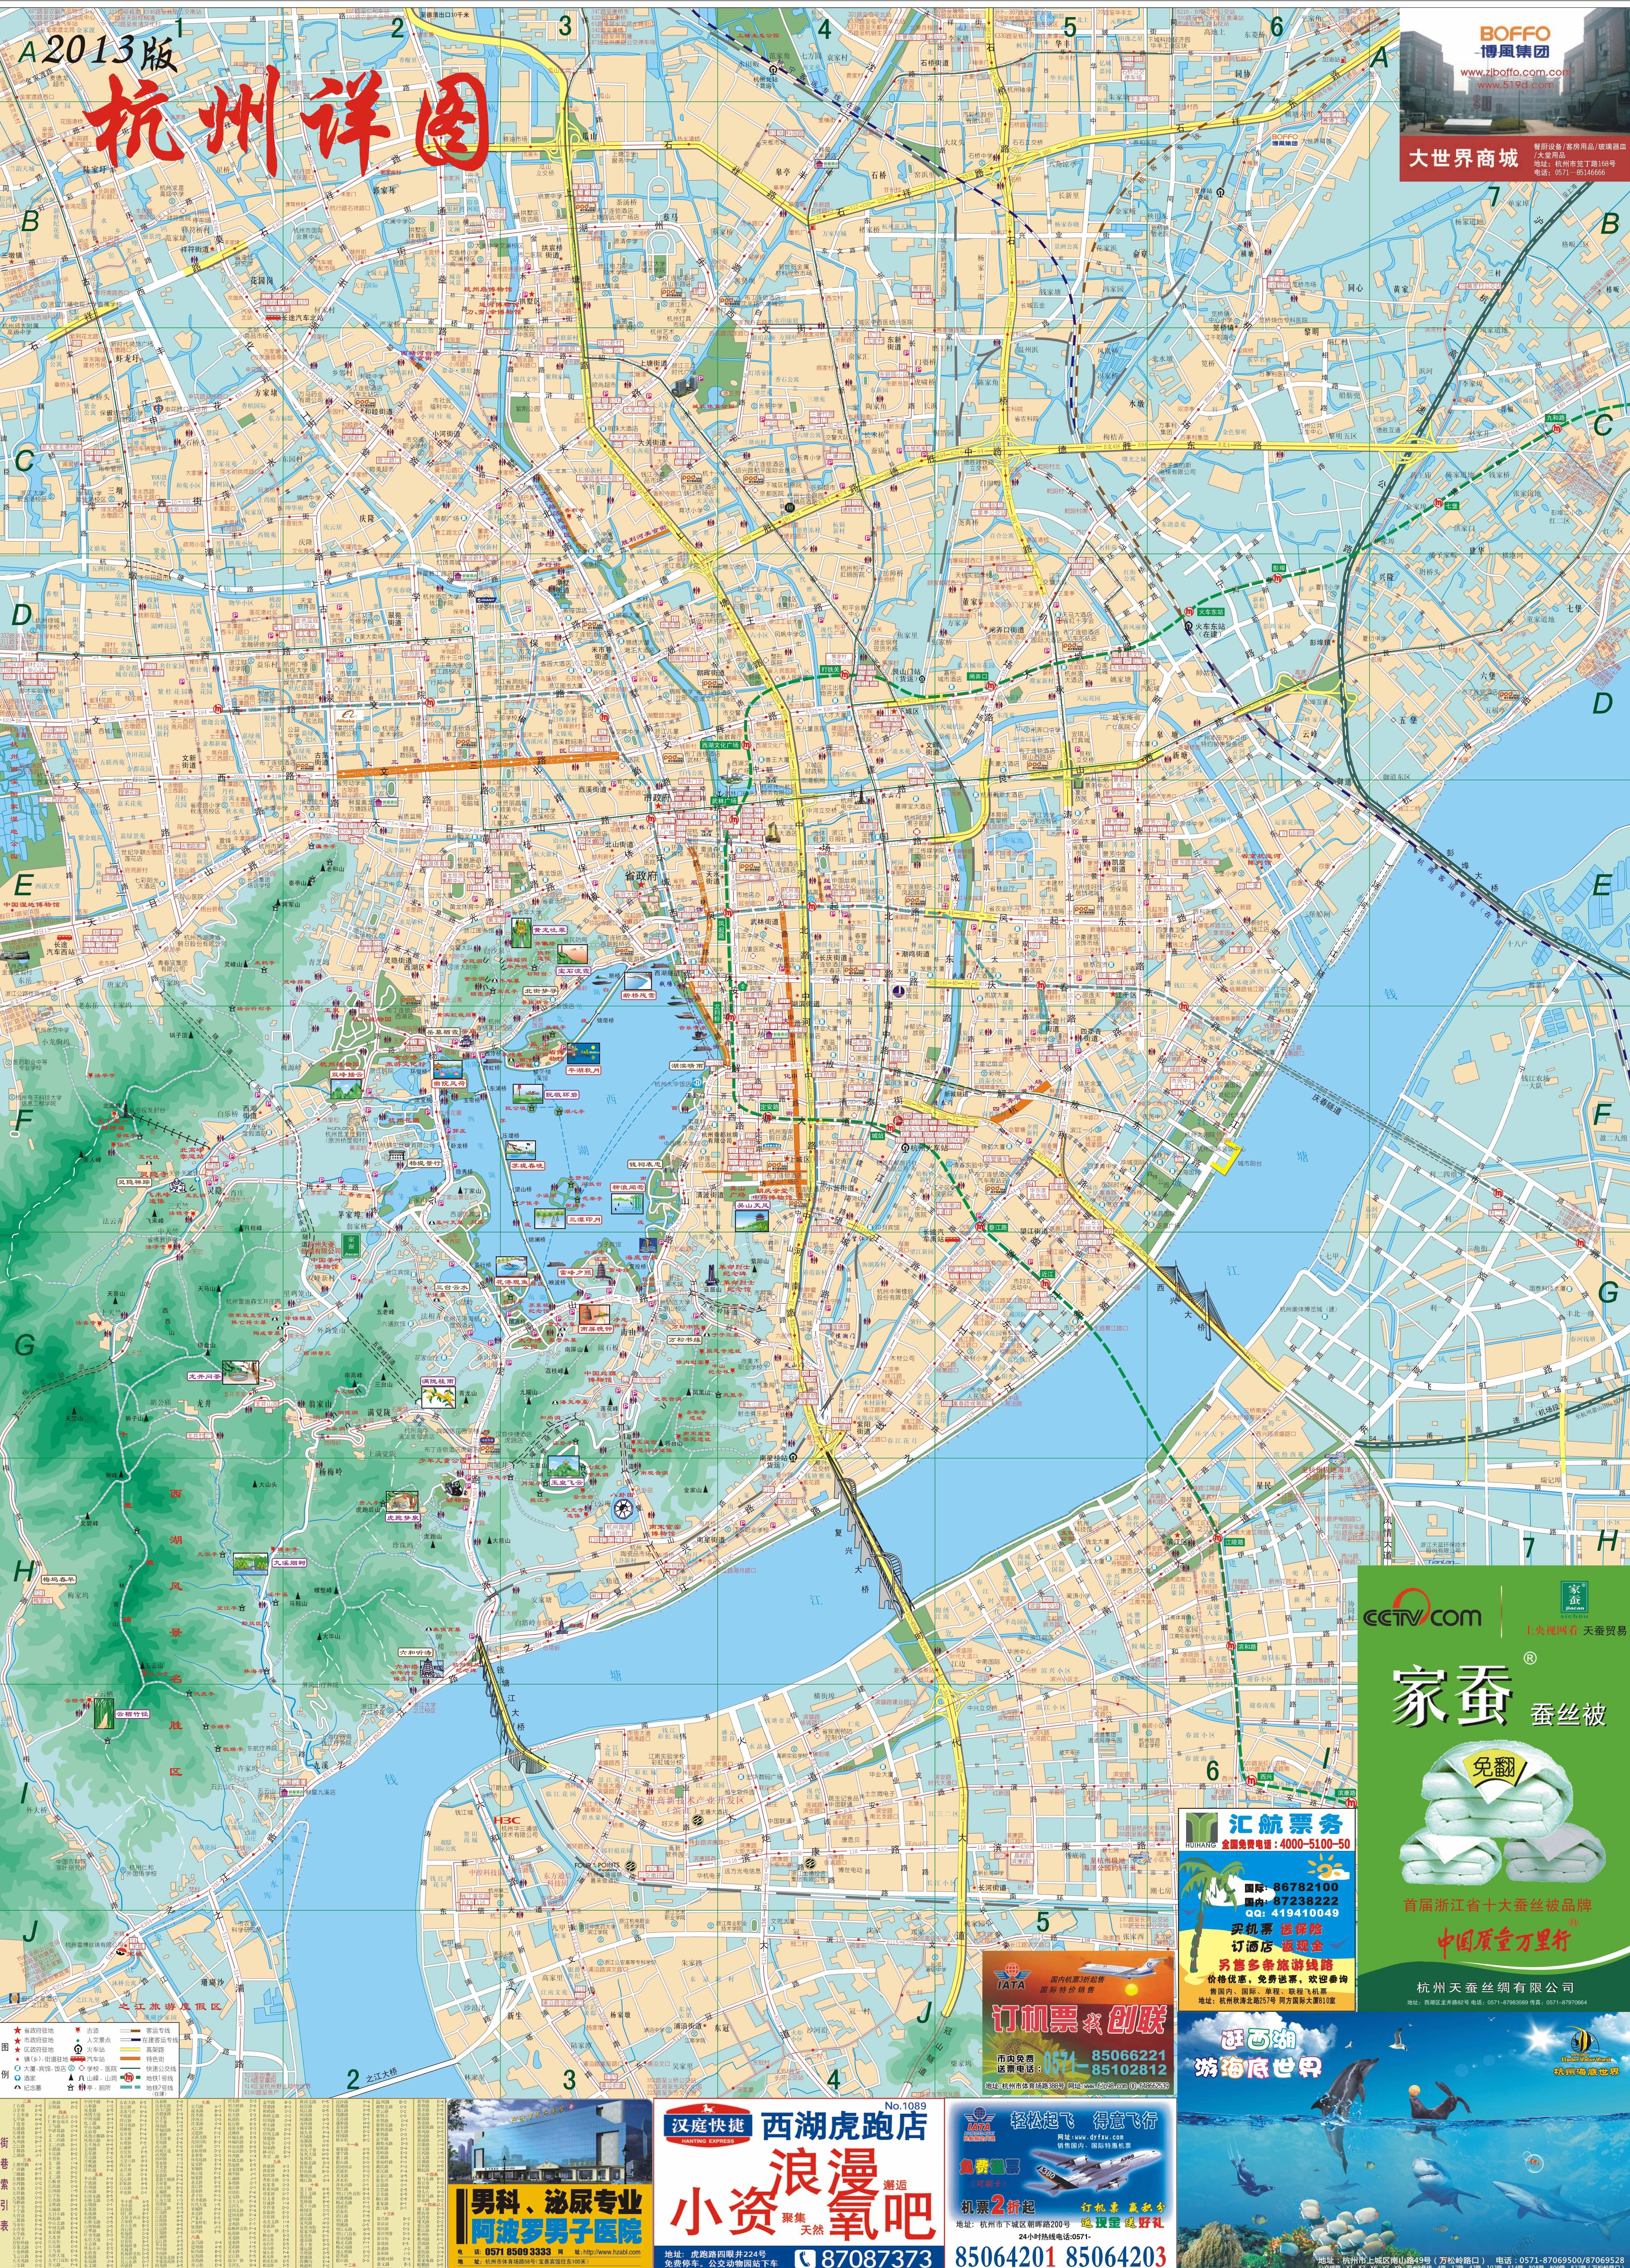 金华旅游景点_杭州地图_杭州市八区全图2017年版_杭州地图库_地图窝